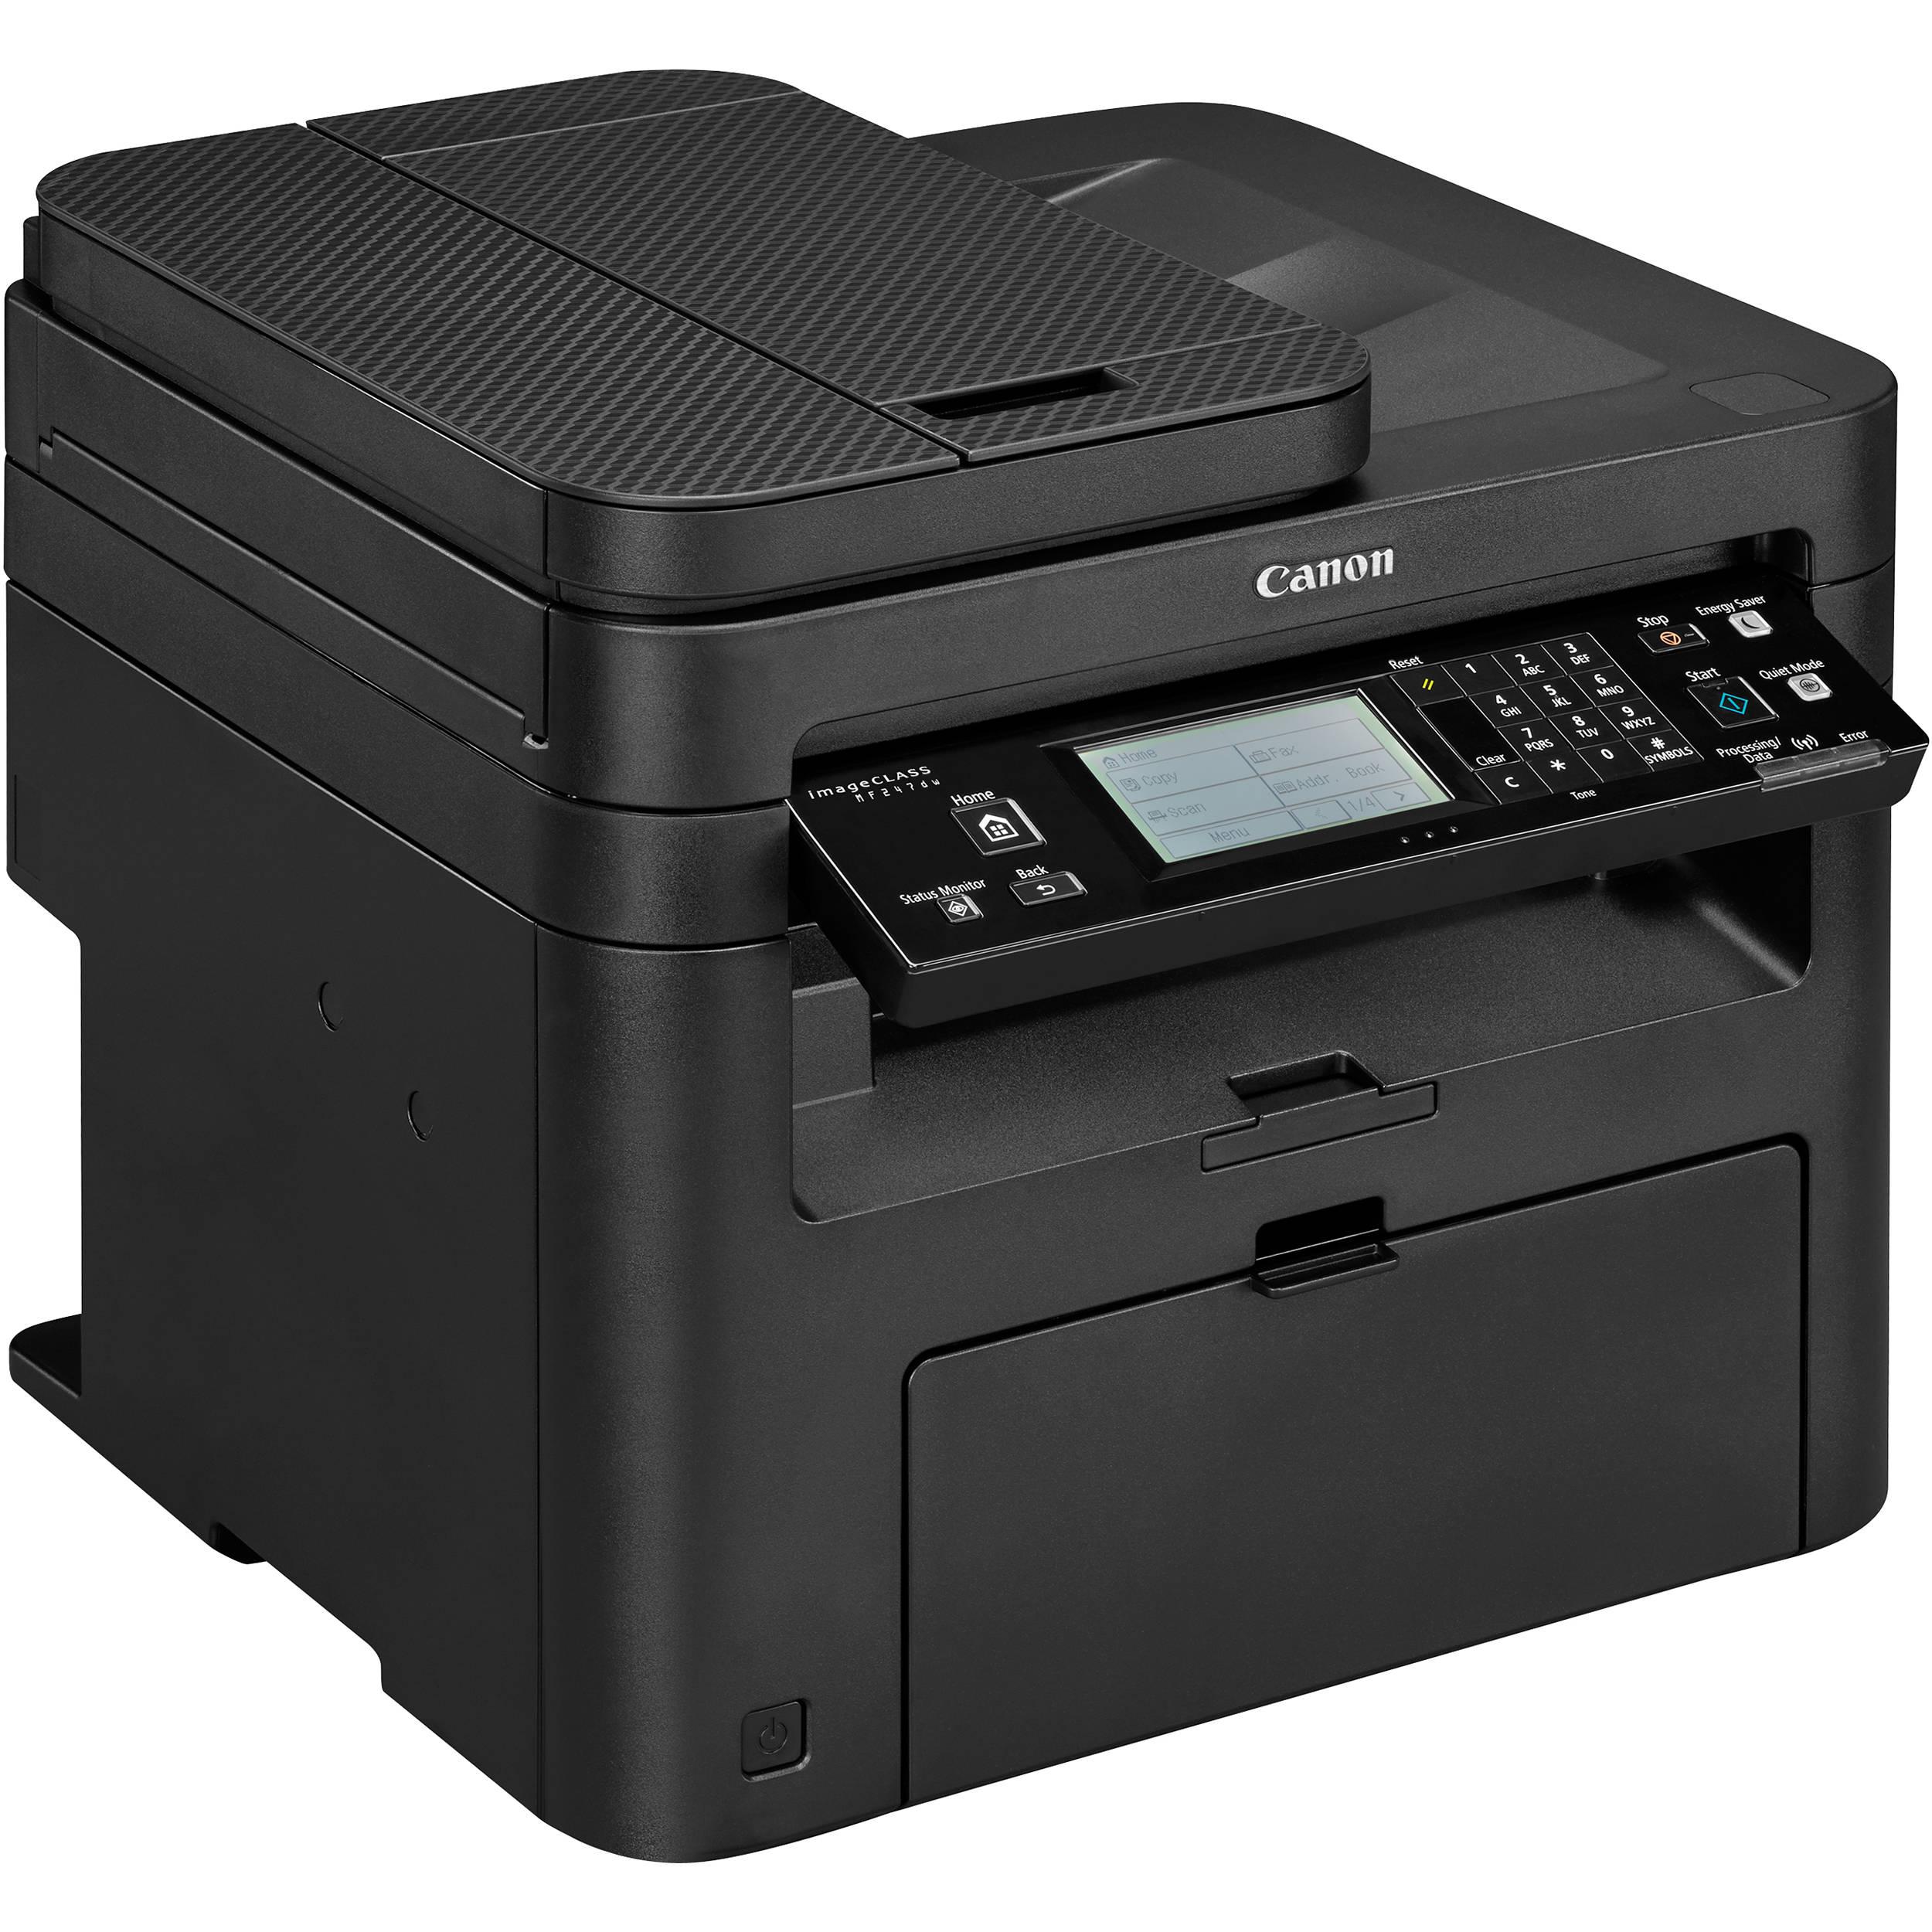 Canon imageCLASS MF247dw All-in-One Monochrome Laser Printer